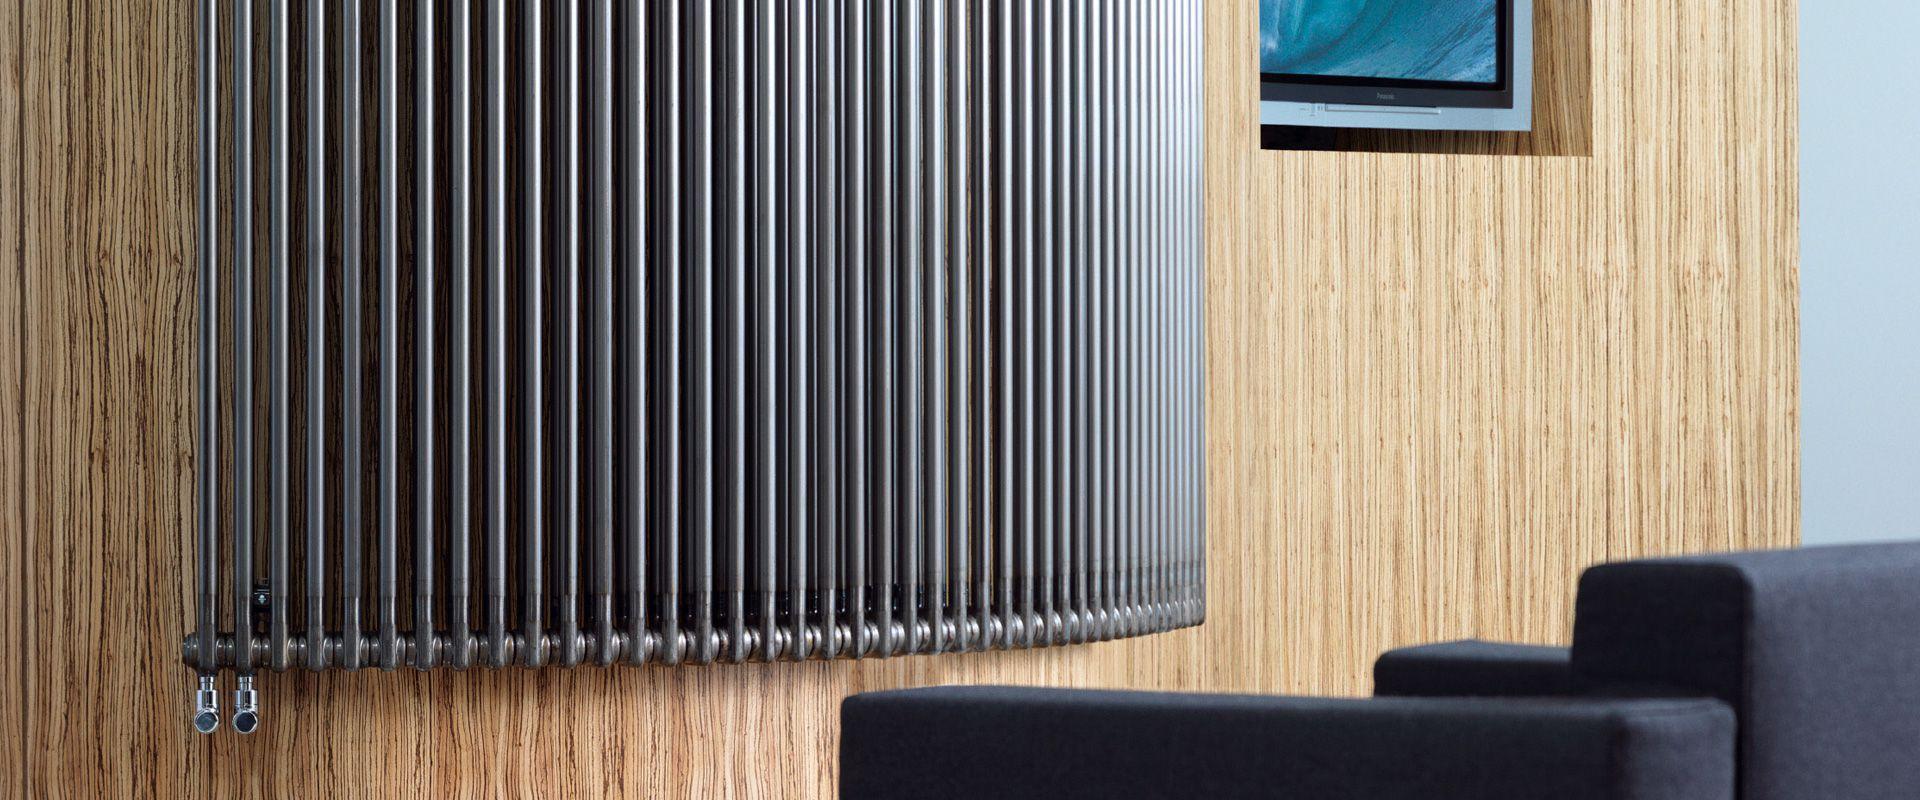 Angenehm Warm Und Gemütlich. Eine Moderne Heizung Spart Heizkosten Ein Und  Ist Gut Für Die Umwelt.Mehr Erfahren